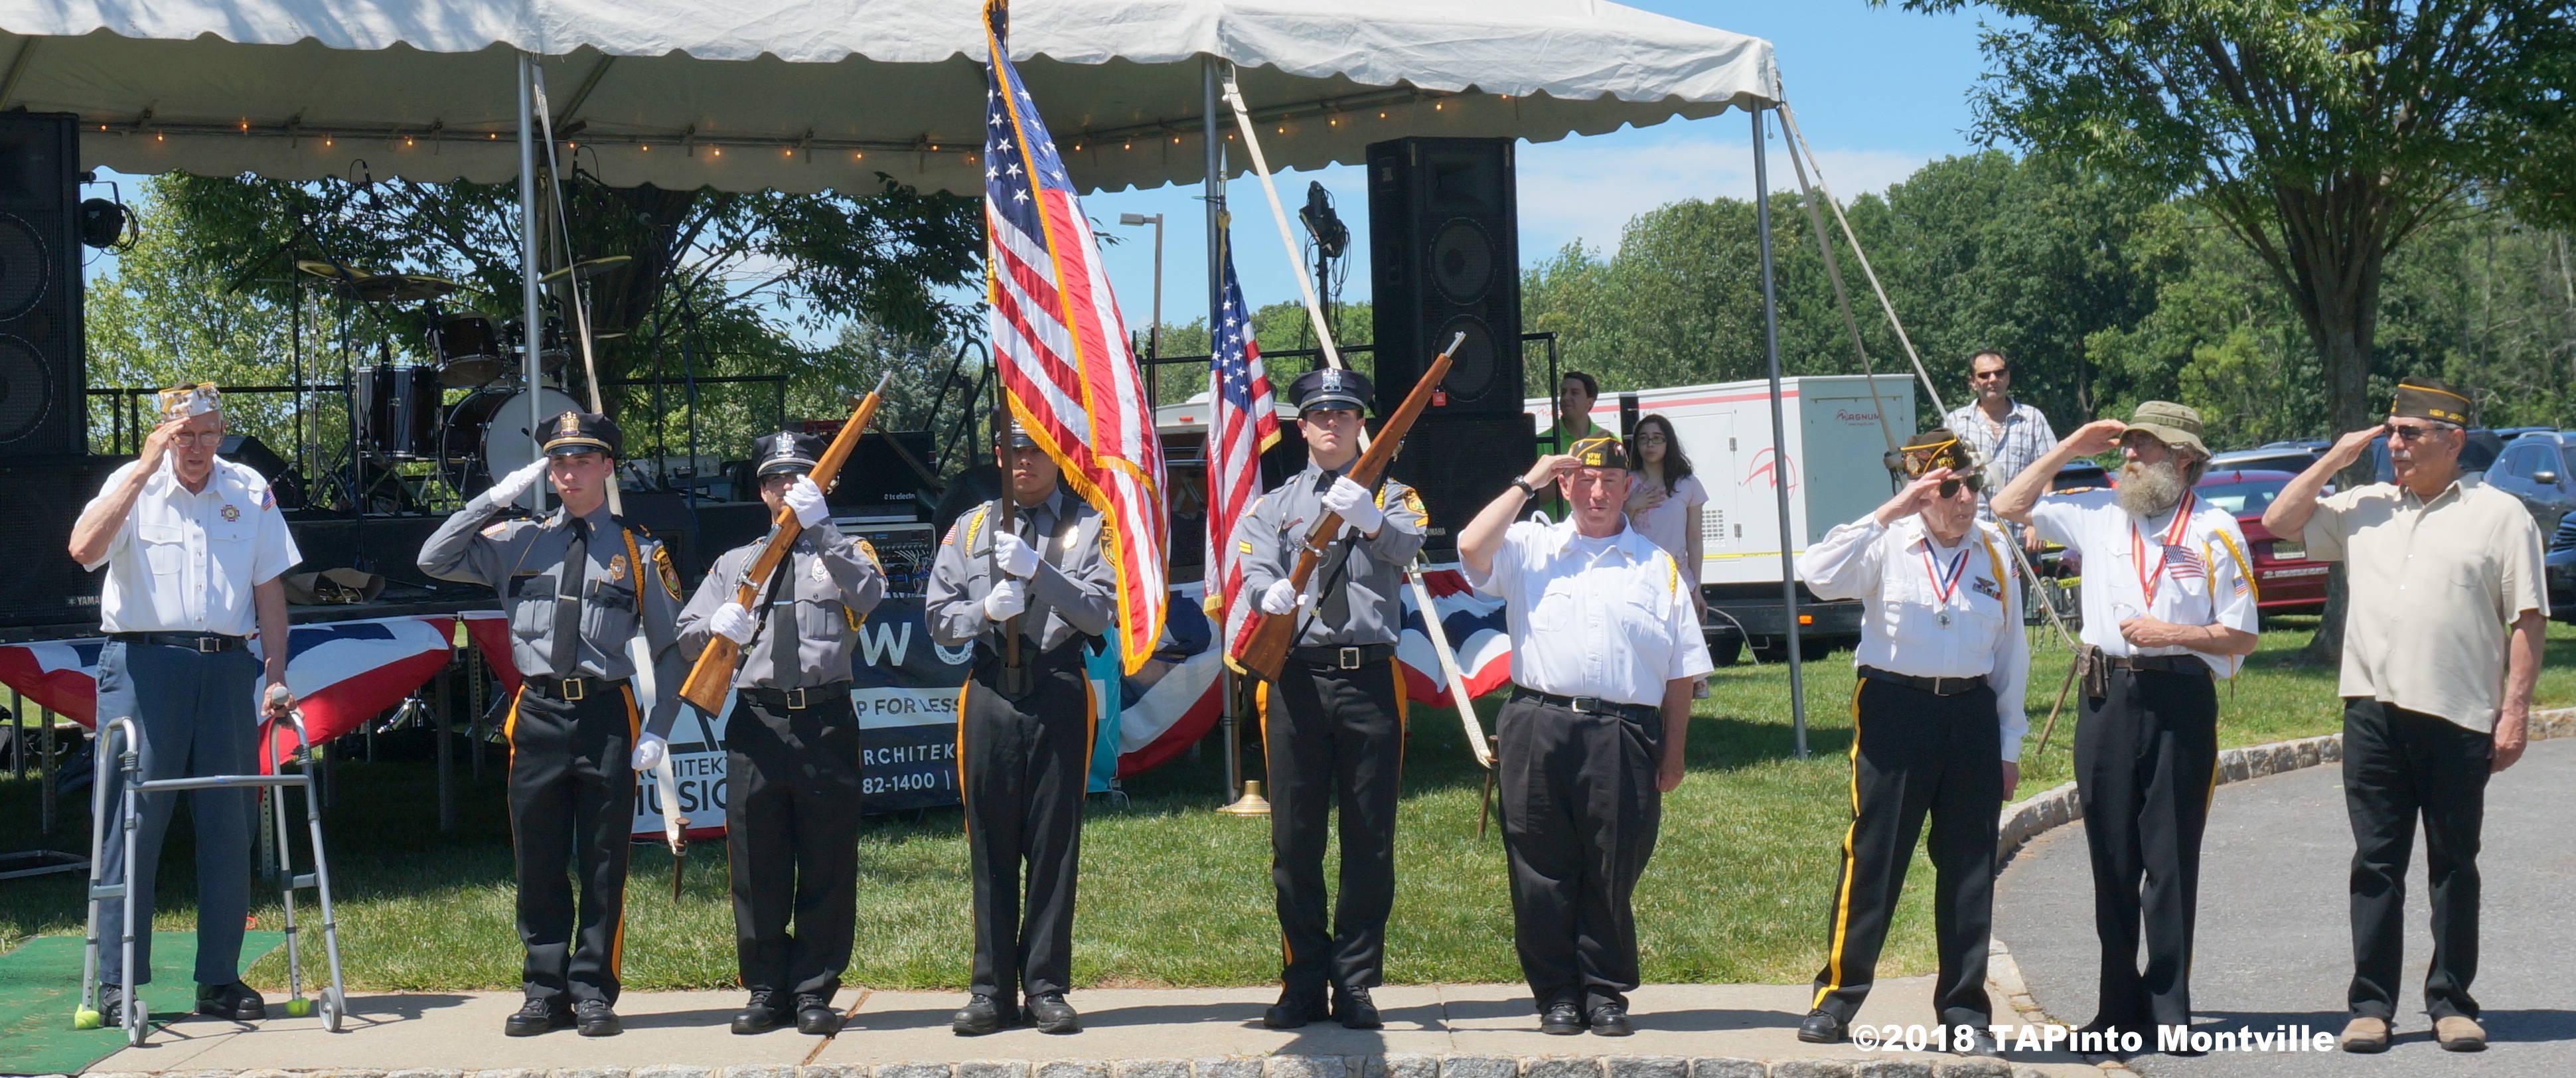 f5eff8ab187d2a08ab12_The_2017_flag_salute_by_the_VFW_and_Police_Explorers__2018_TAPinto_Montville.JPG